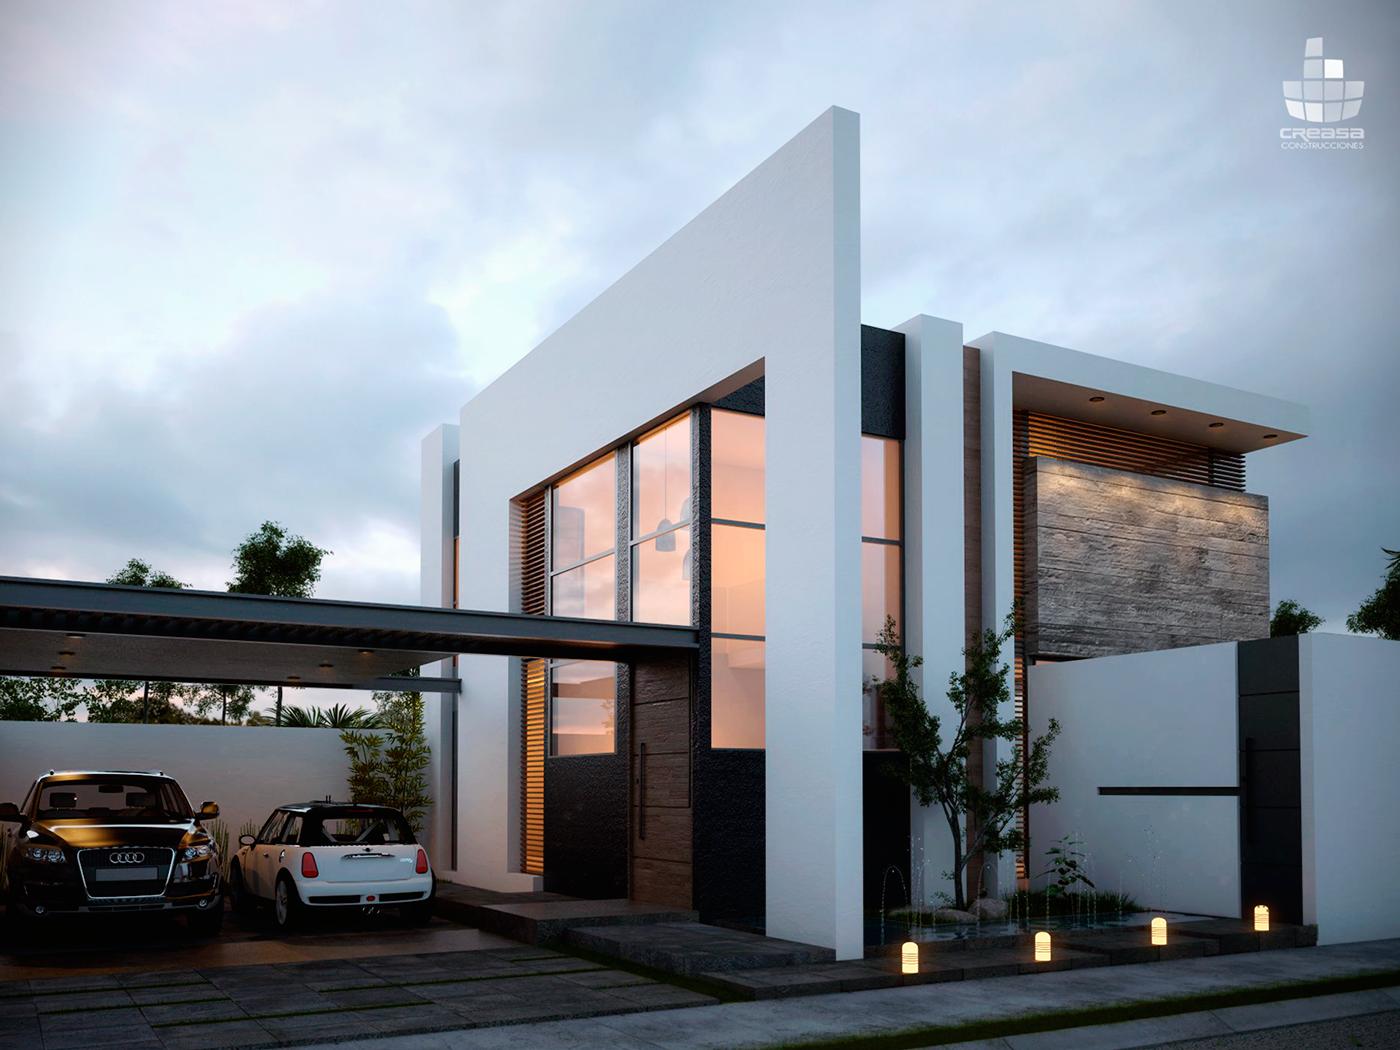 Top 10 houses of this week 29 08 2015 architecture - Construcciones de casas ...